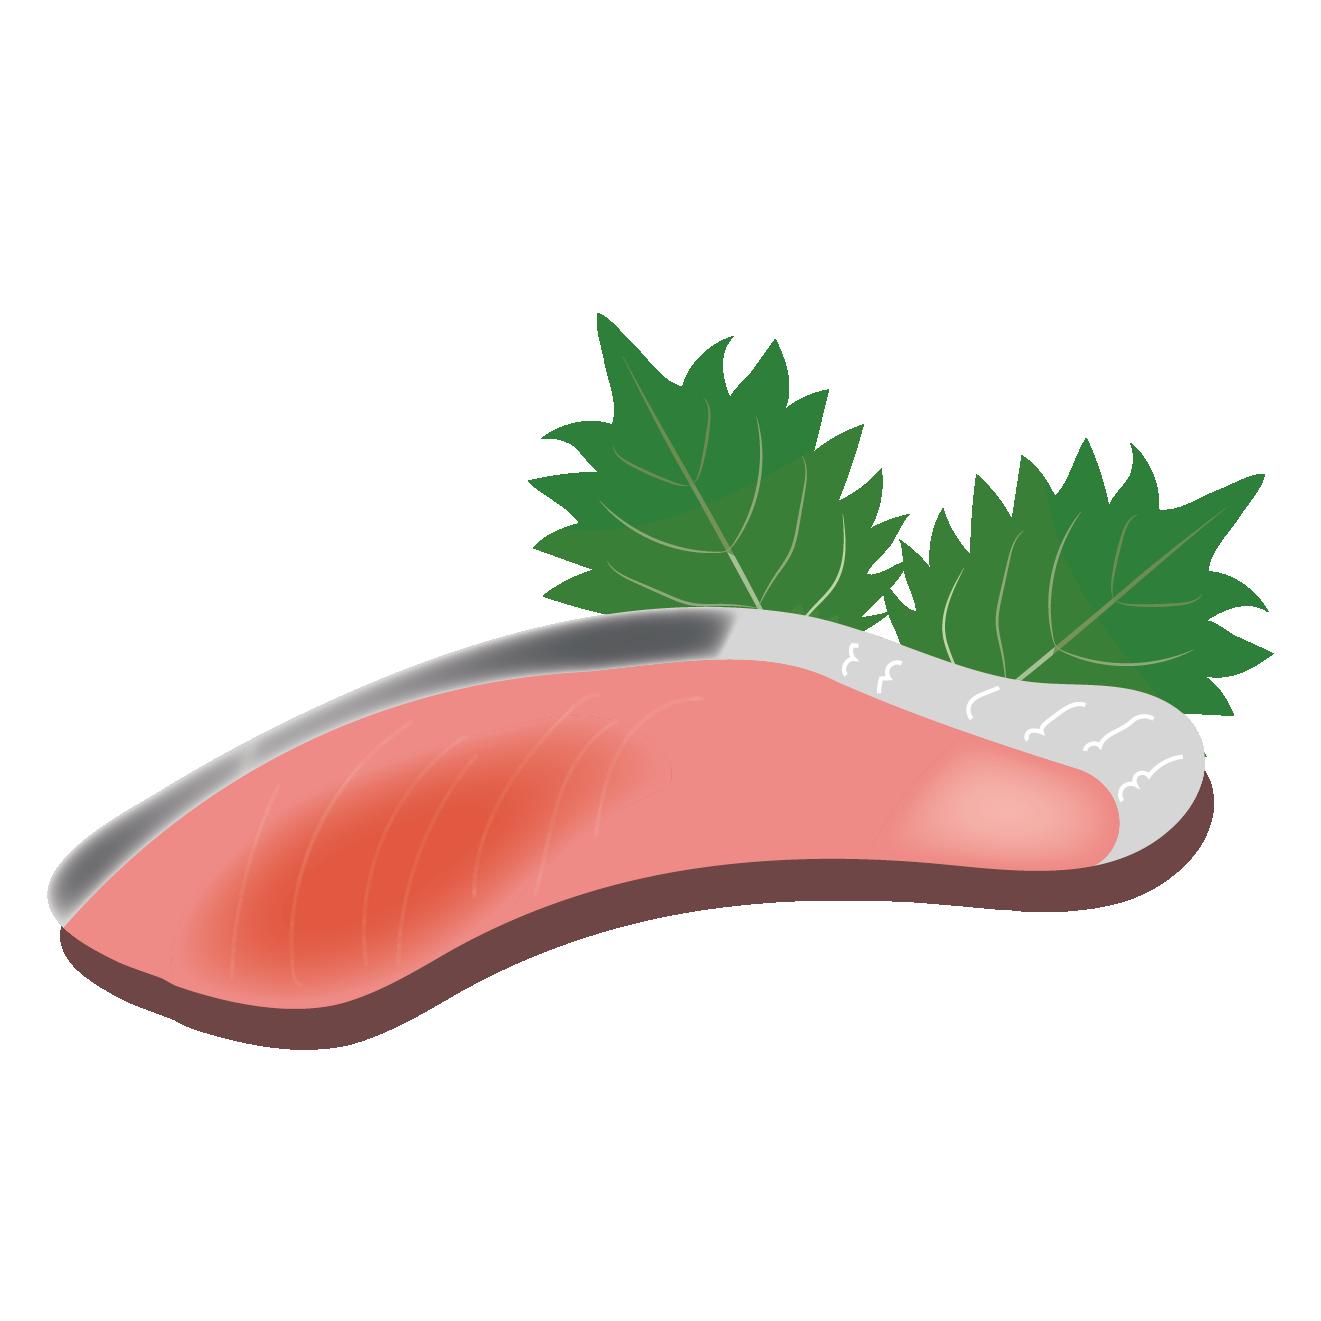 鮭(サケ・シャケ)の切身のイラスト 【魚】 | 商用フリー(無料)の